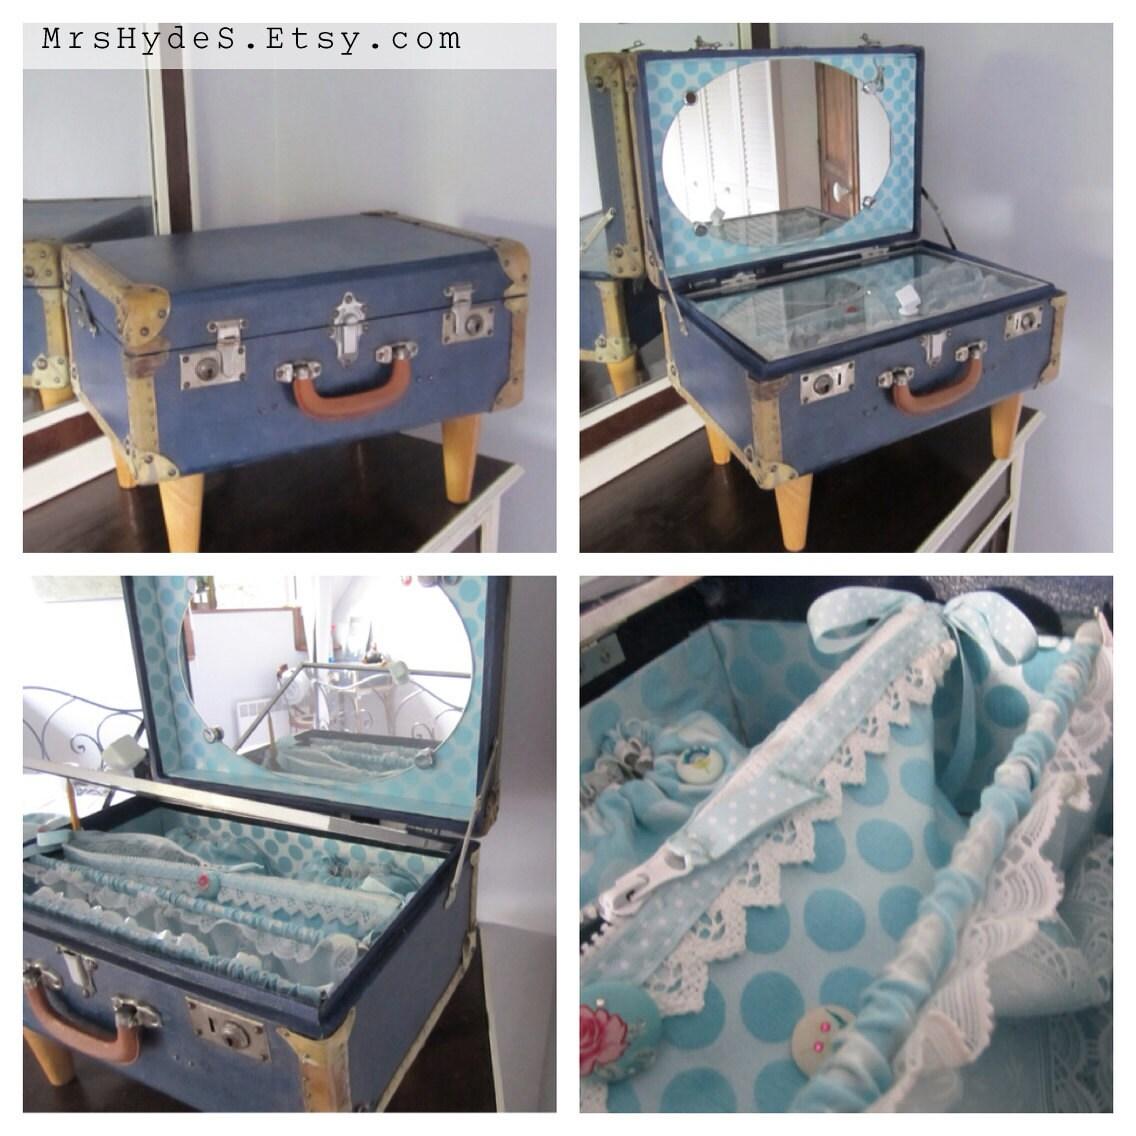 Unique Piece Vintage Little Suitcase Repurposed As A Travel